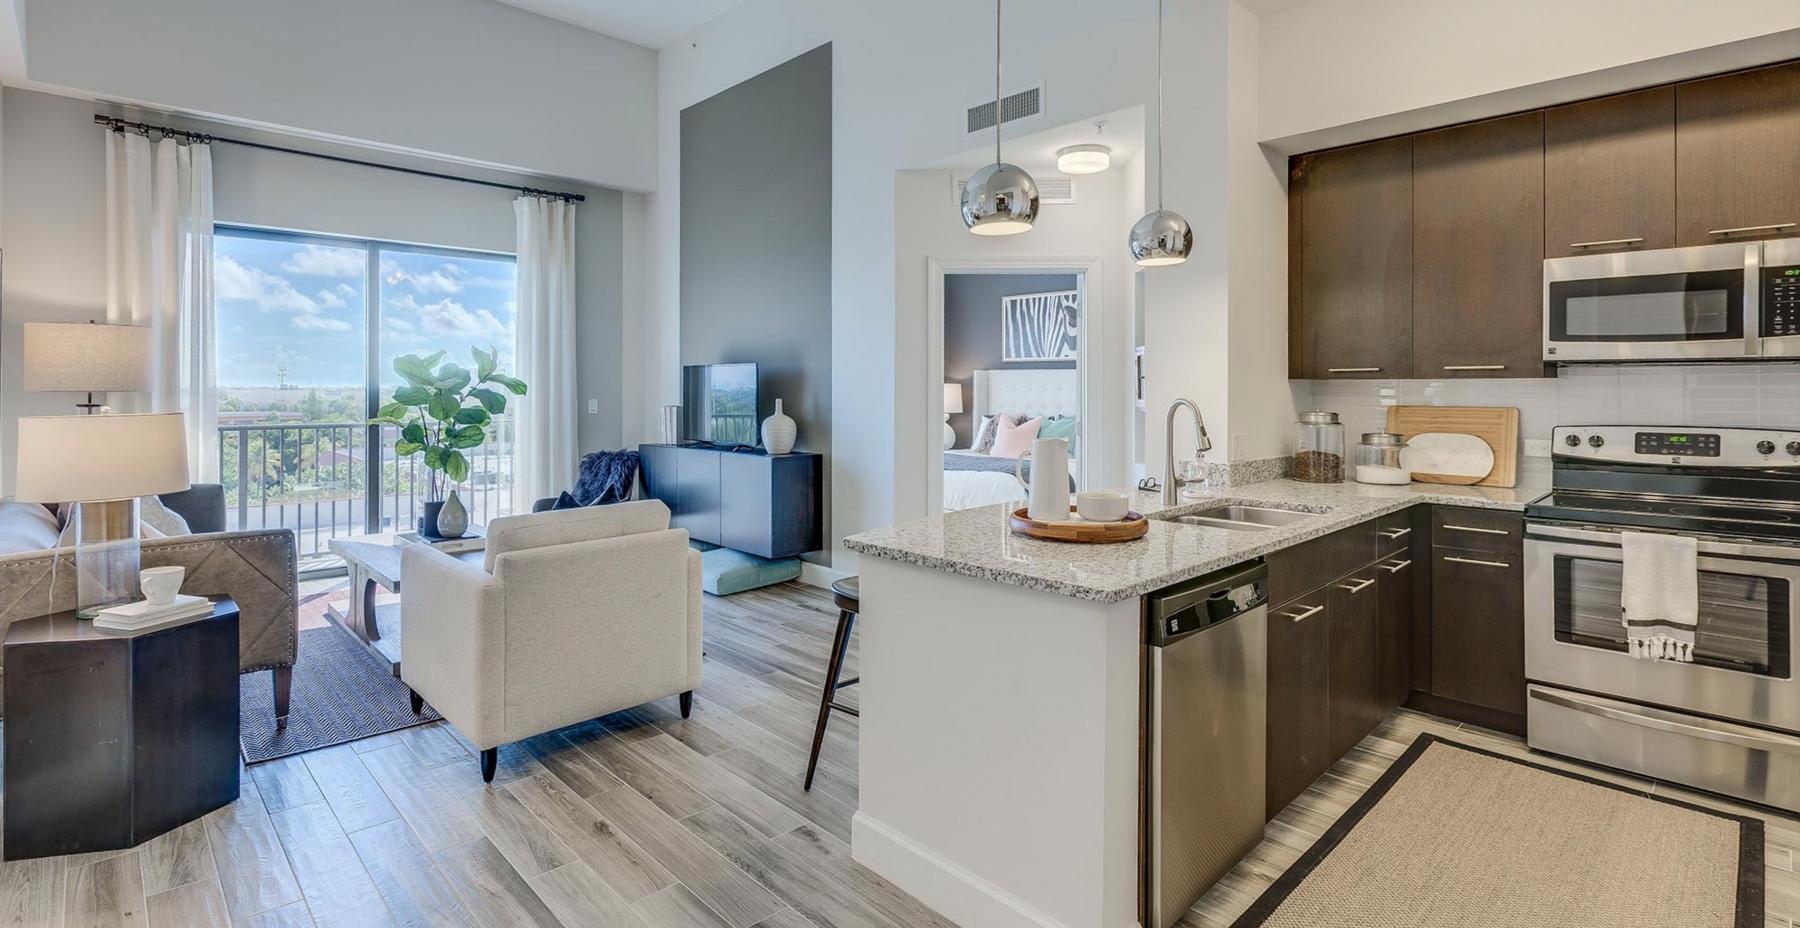 10 - Unit Living Area & Kitchen